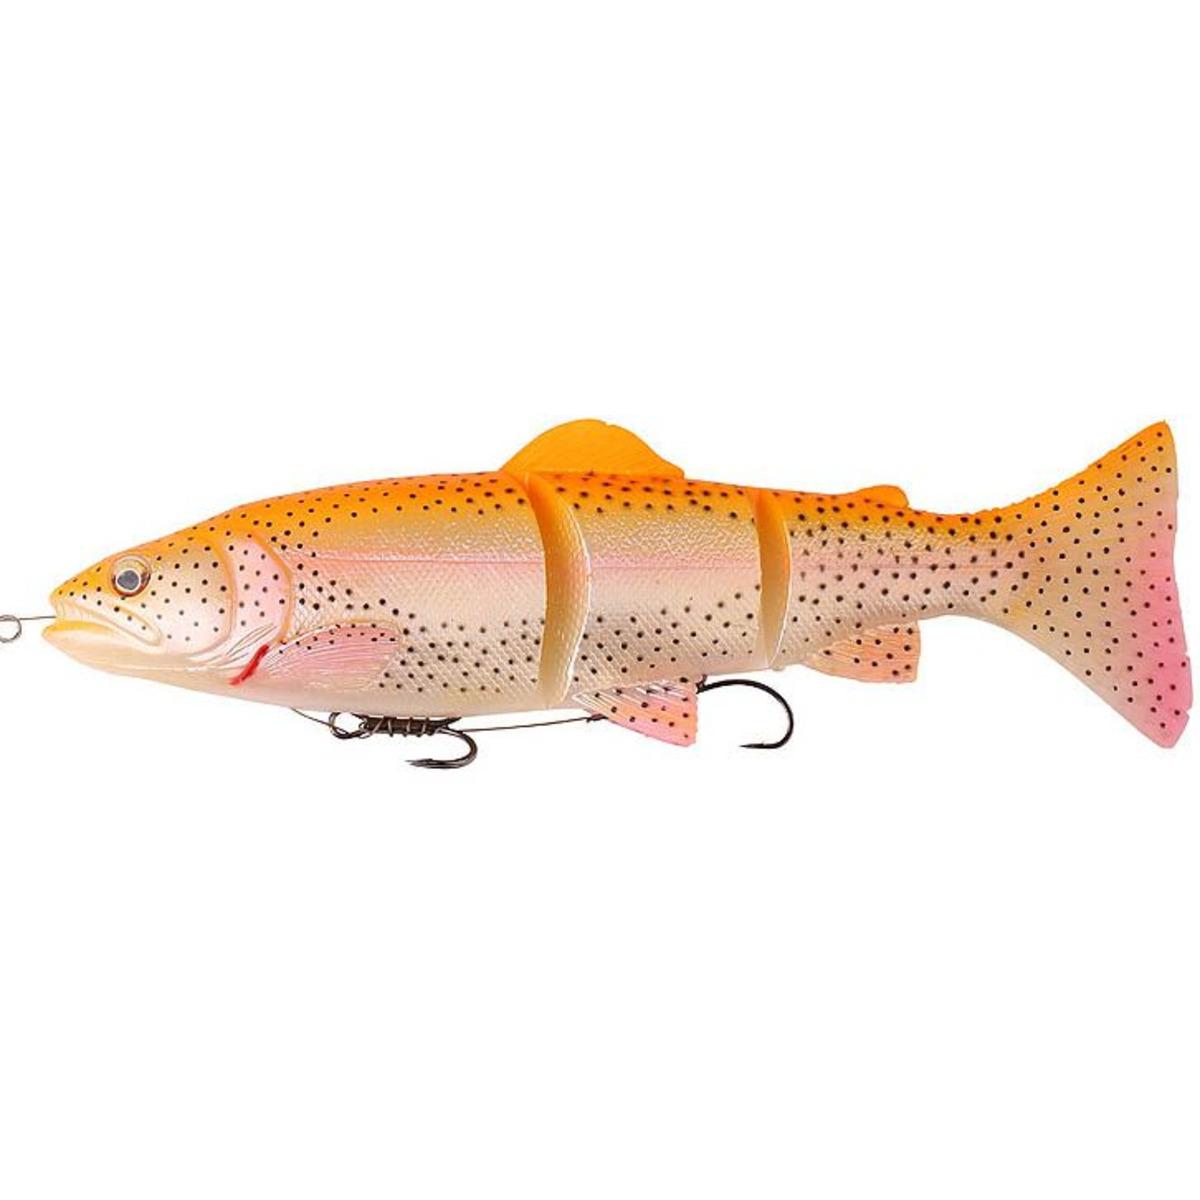 Savage Gear 3D Trout Line Thru - 15 cm - 35 g - Golden Albino